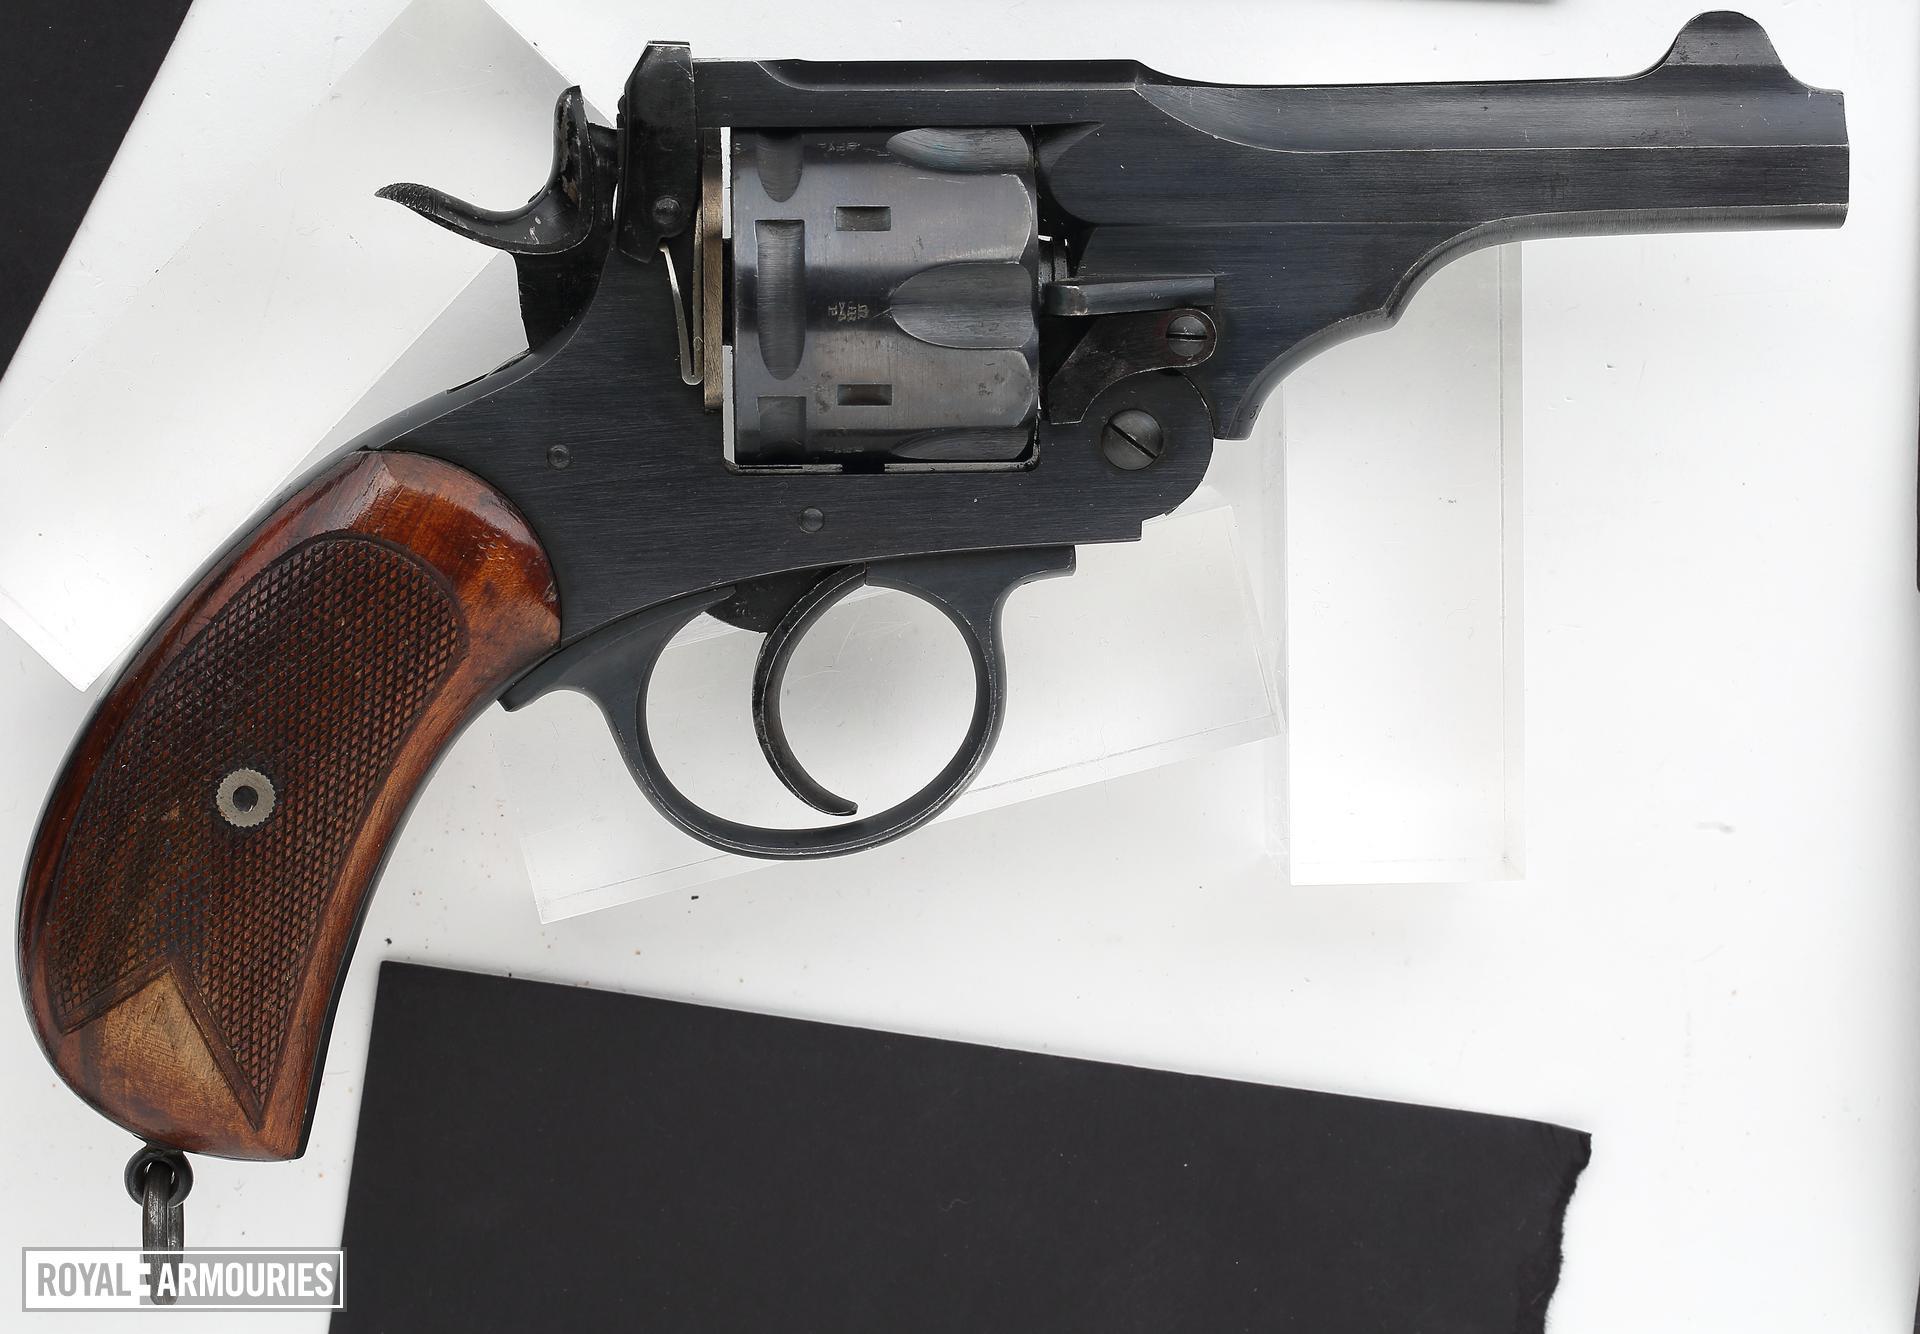 Centrefire six-shot revolver - Webley Mk.V